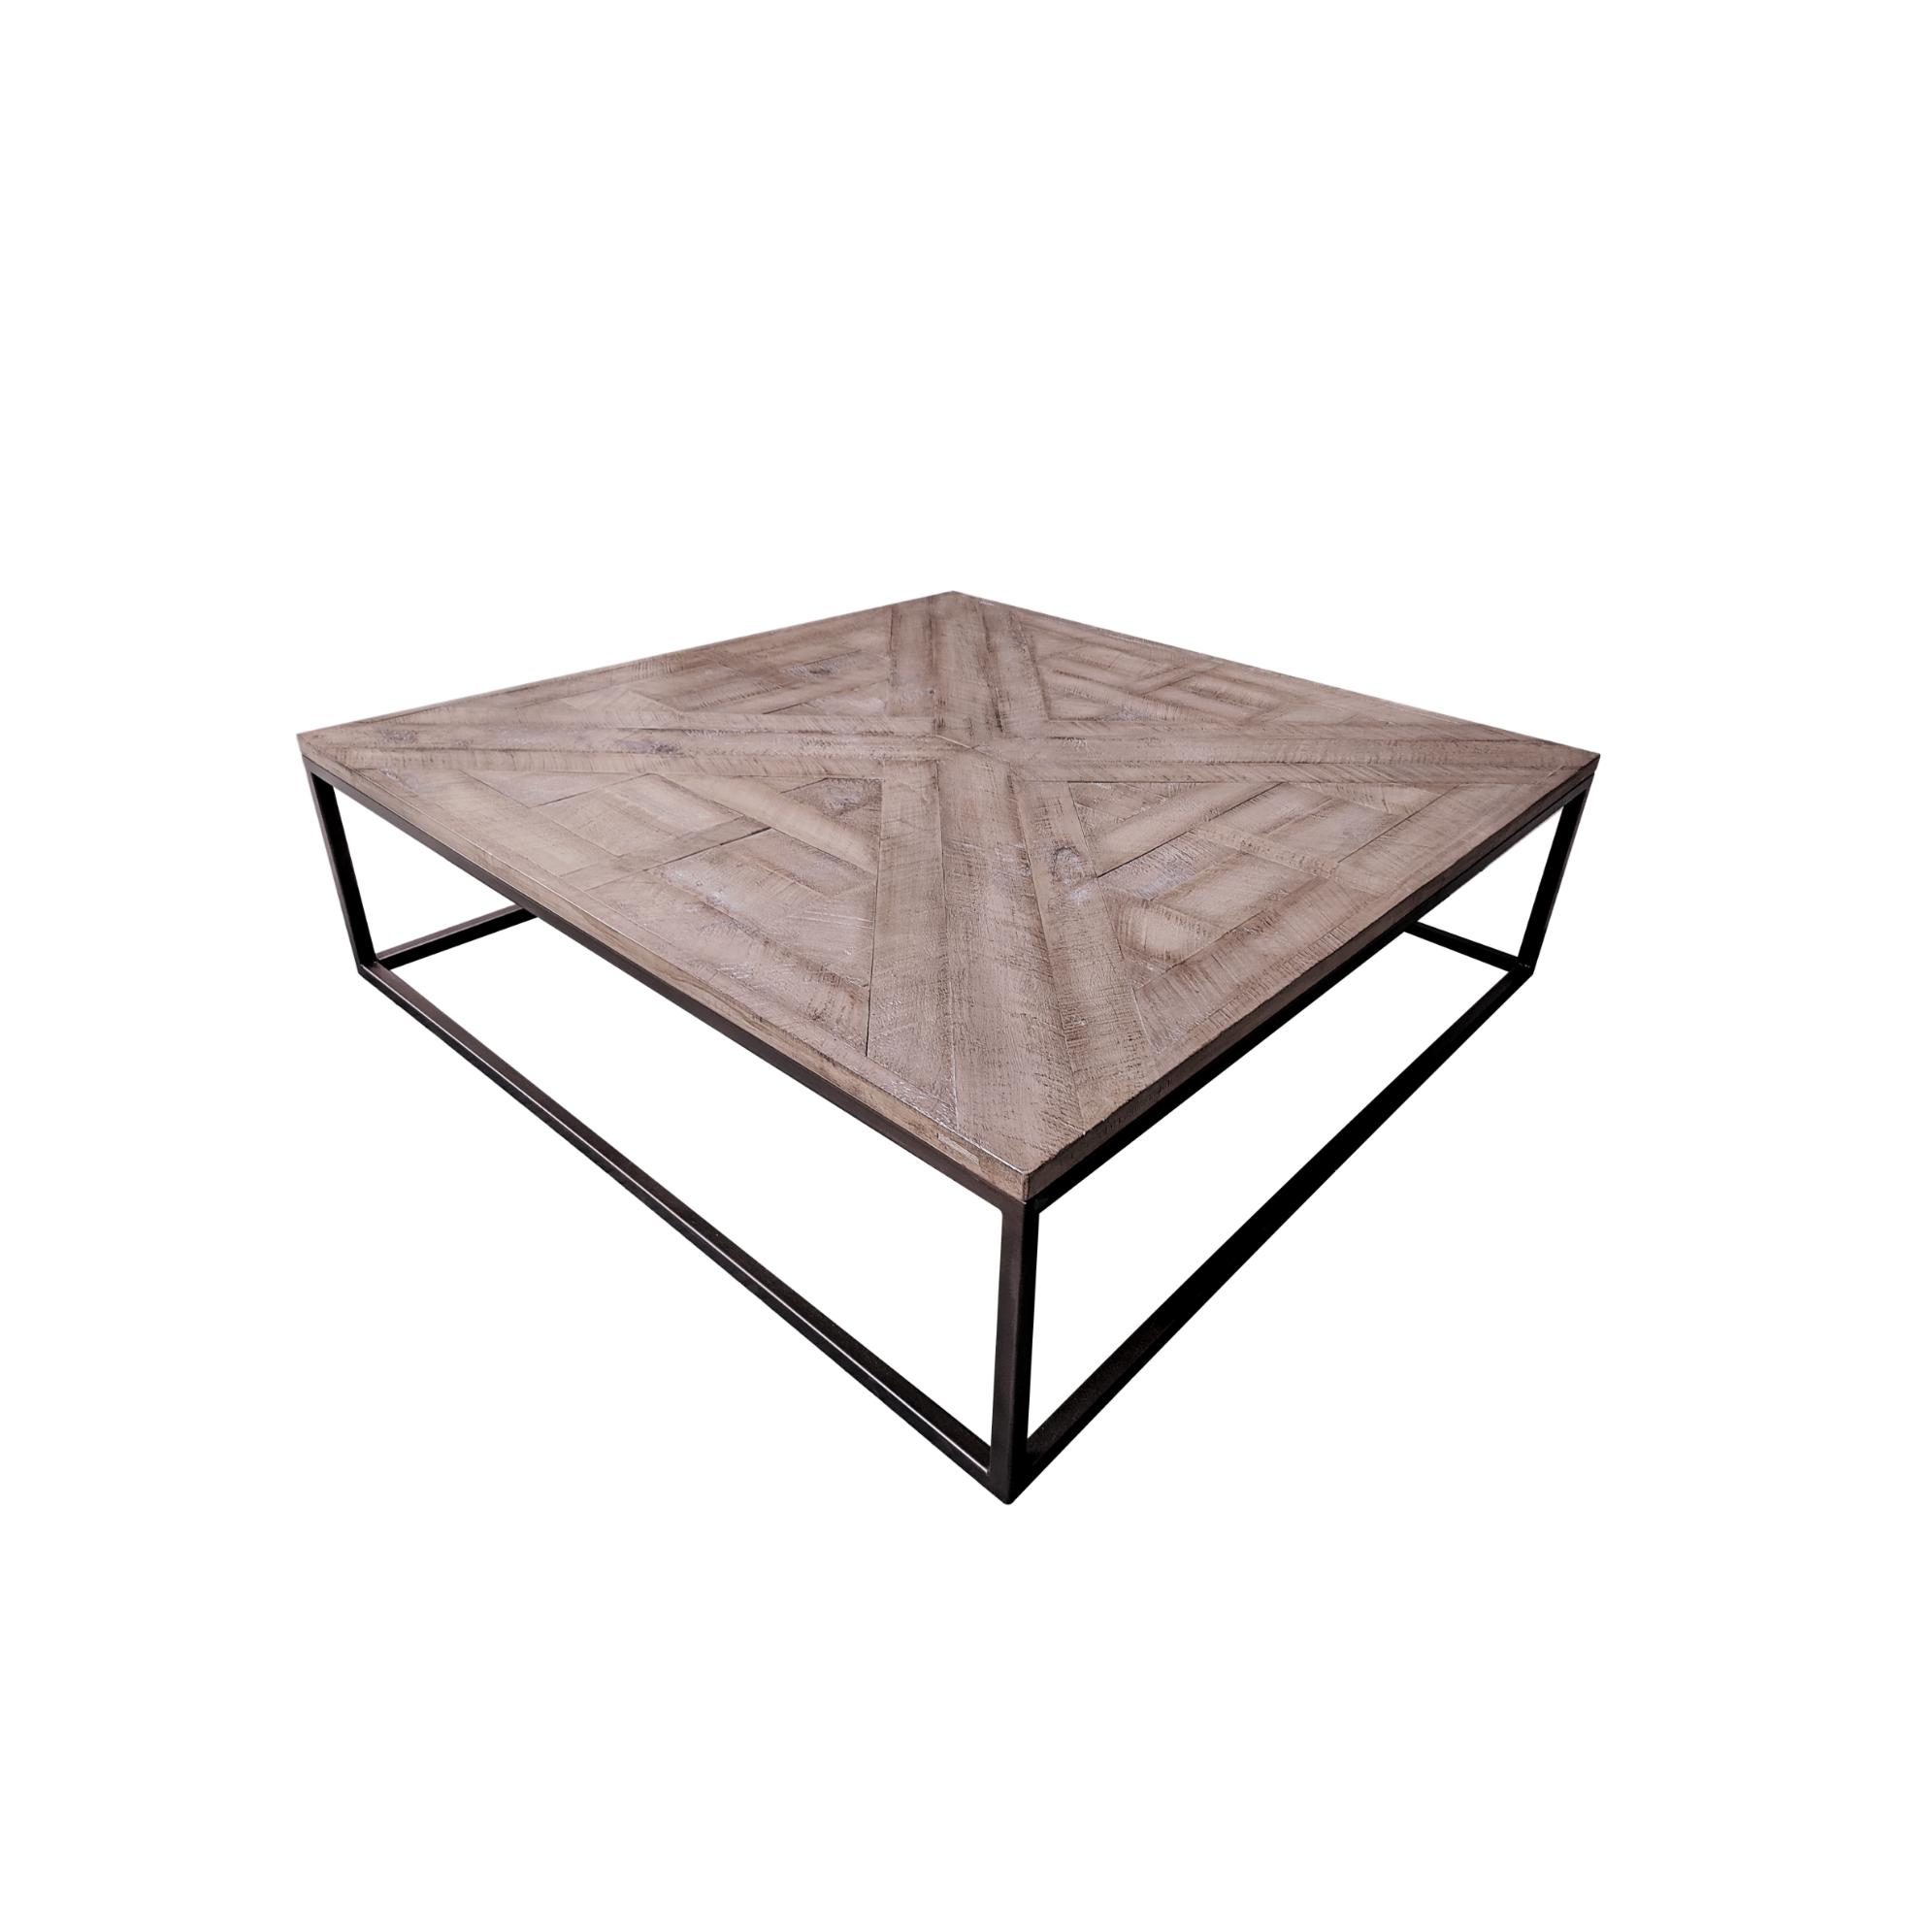 MetalTree Furniture